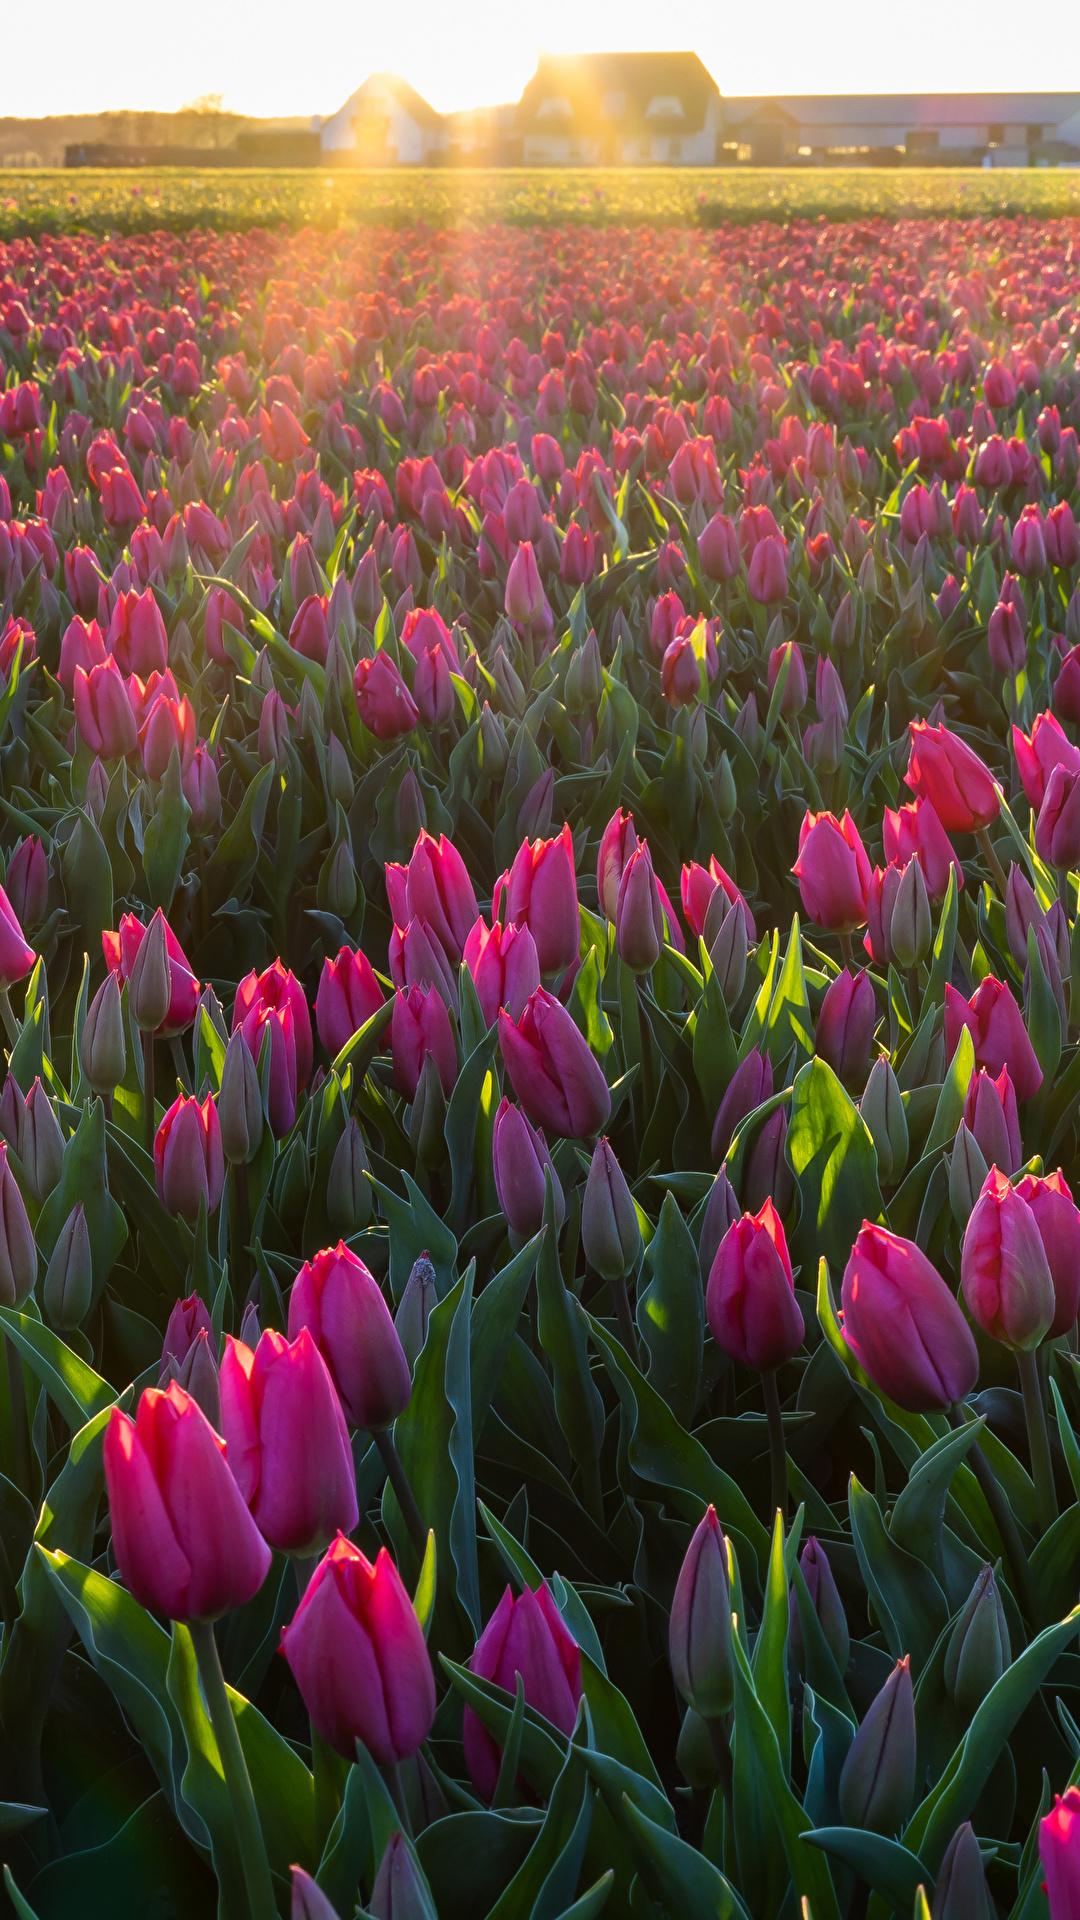 Fondos De Pantalla 1080x1920 Campos Tulipas Muchas Flores Descargar Imagenes